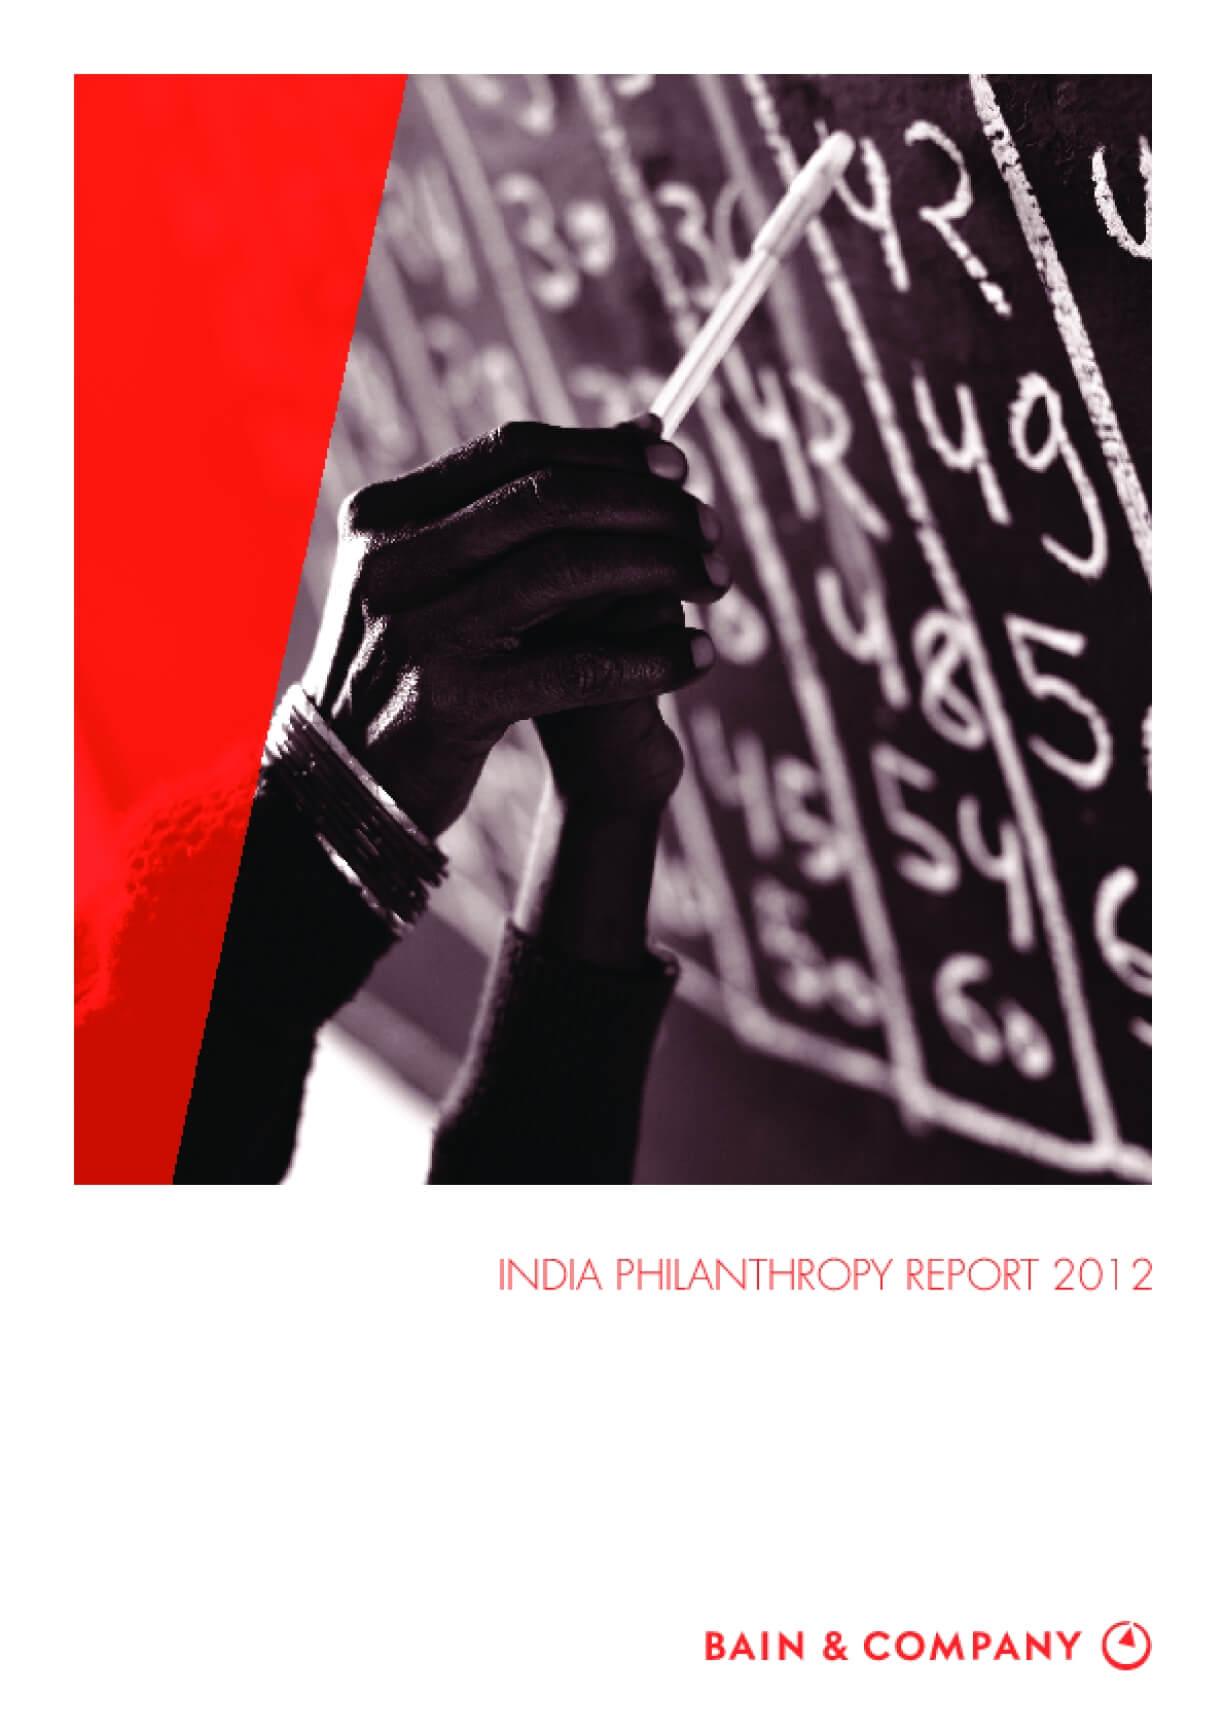 India Philanthropy Report 2012